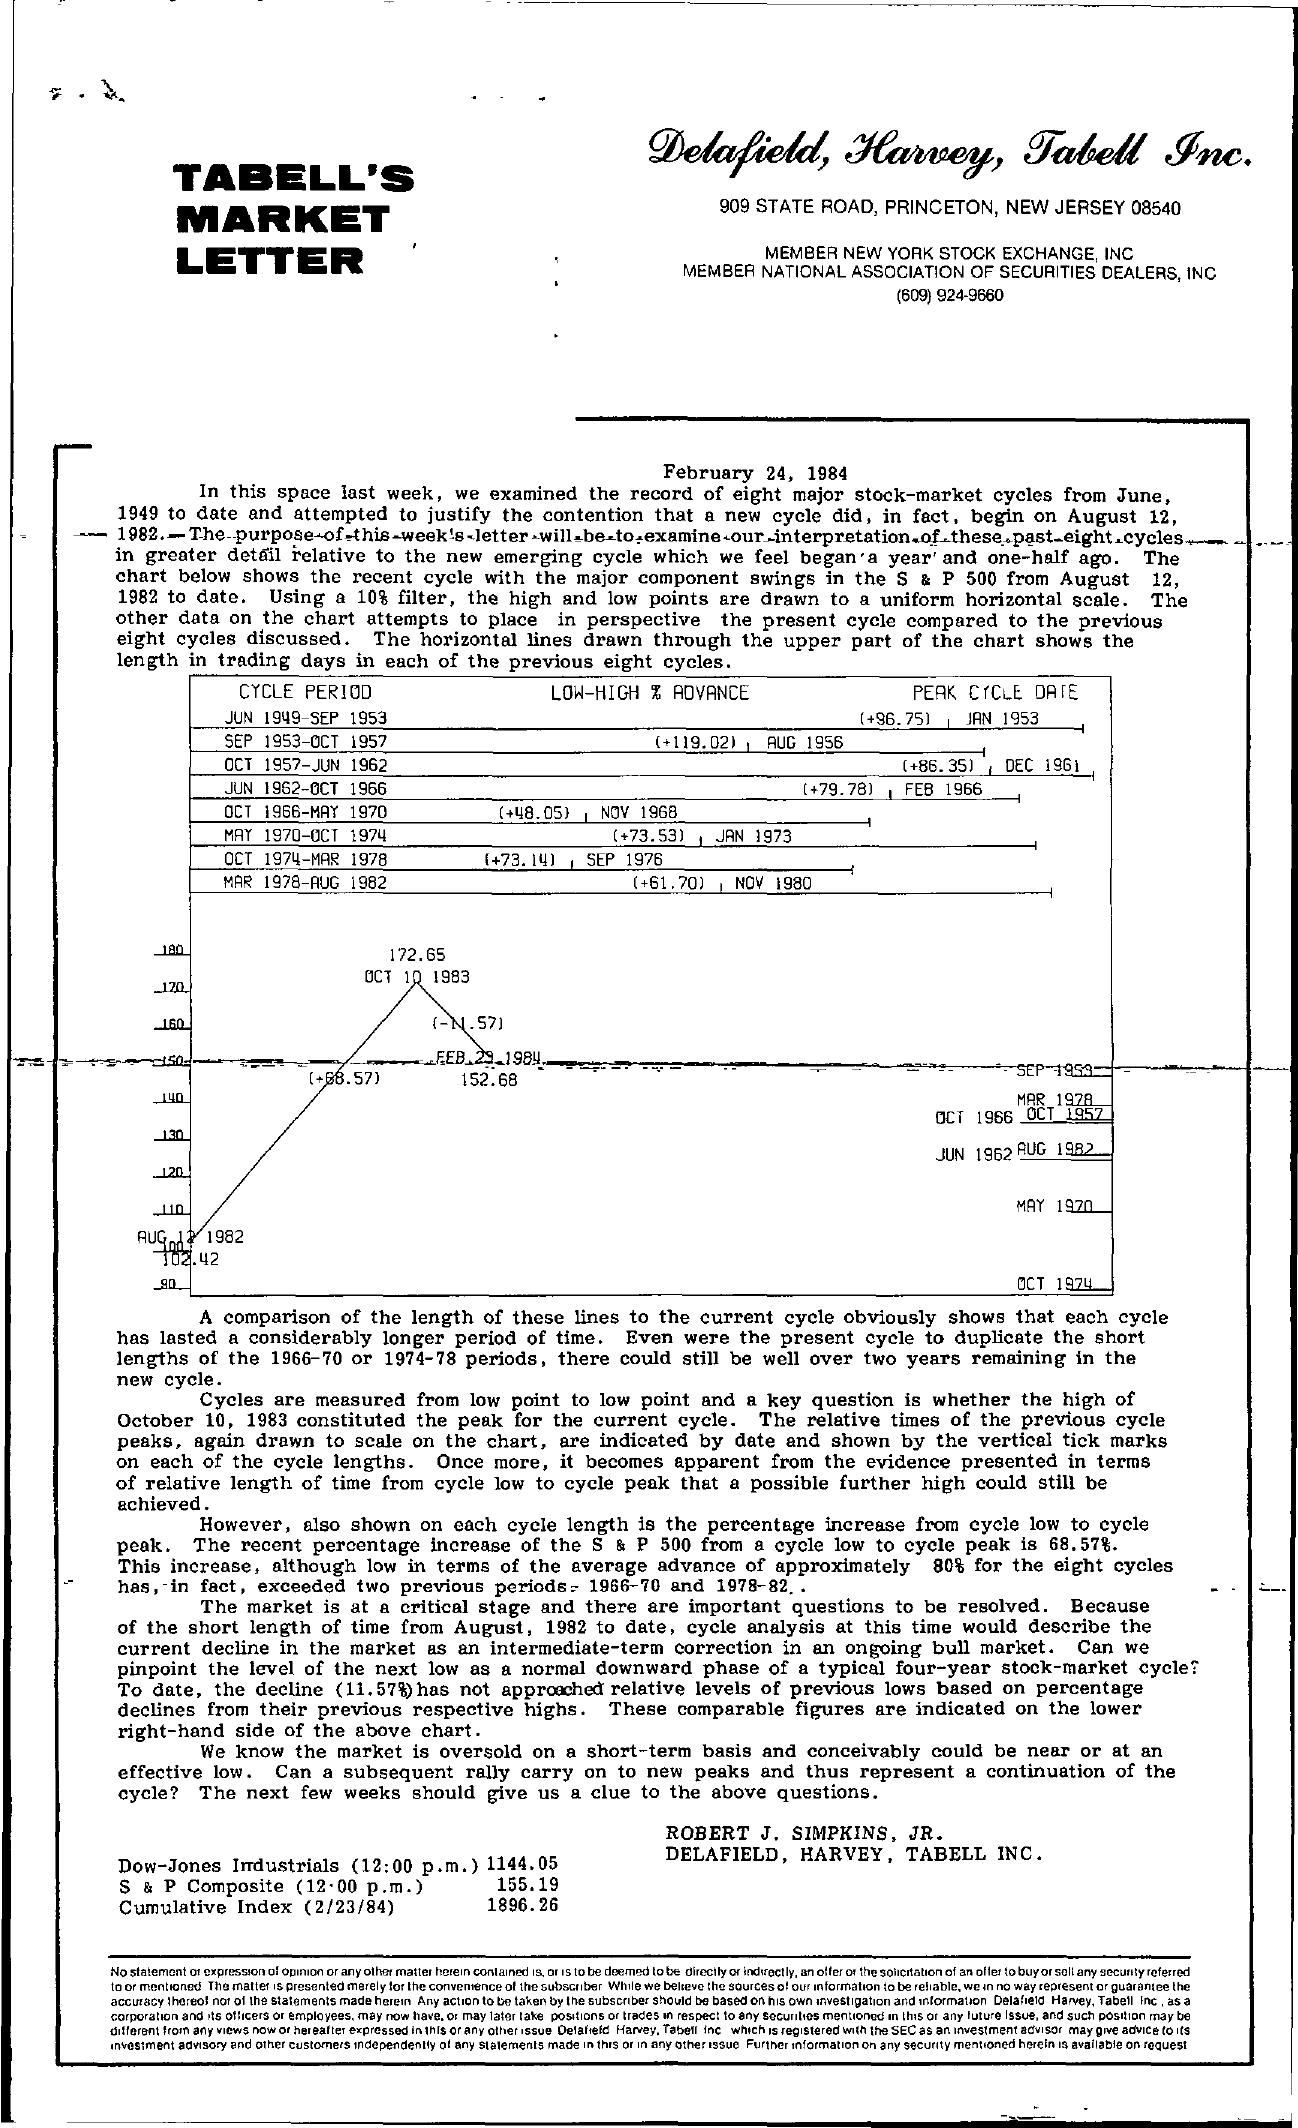 Tabell's Market Letter - February 24, 1984